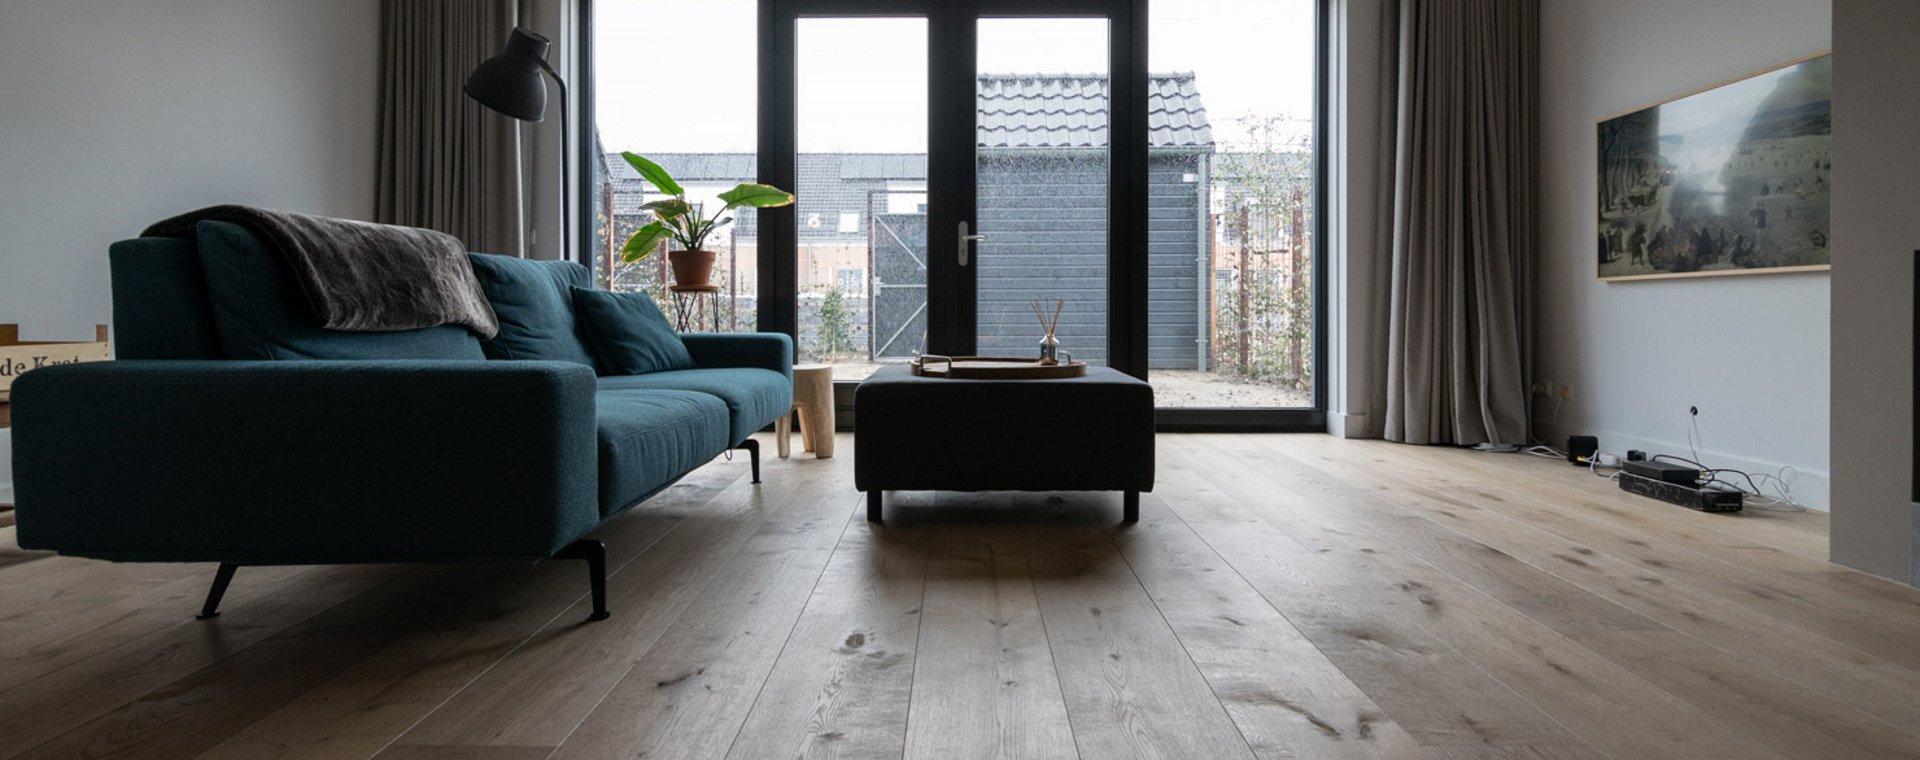 Redenen voor het kopen van een houten vloer